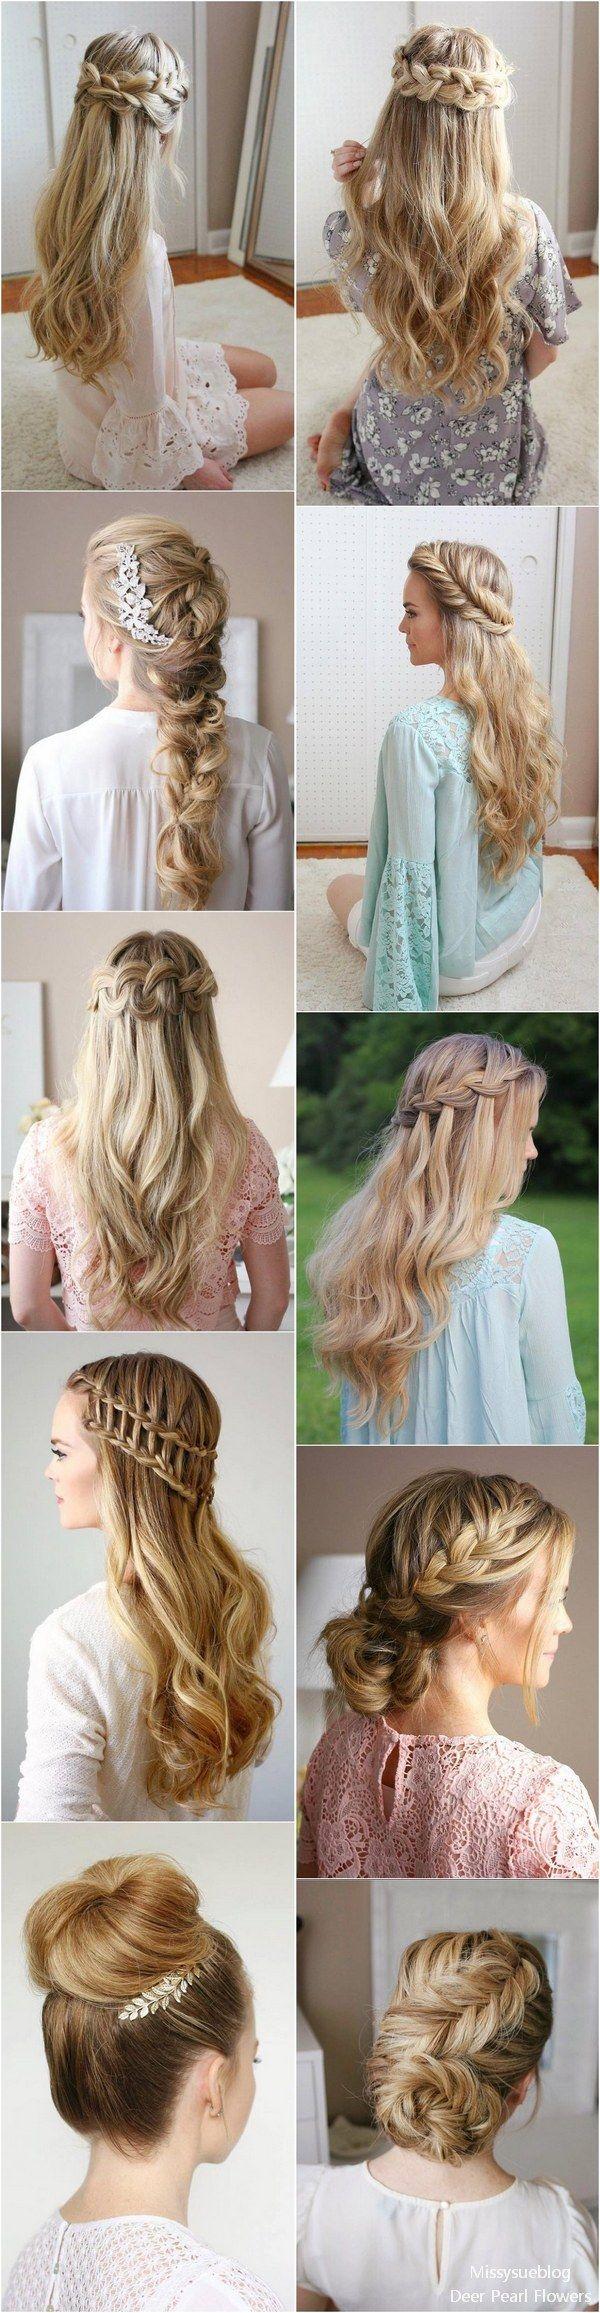 Long Wedding & Prom Hairstyles from Missysueblog ( missysue.com ) / www.deerpear...